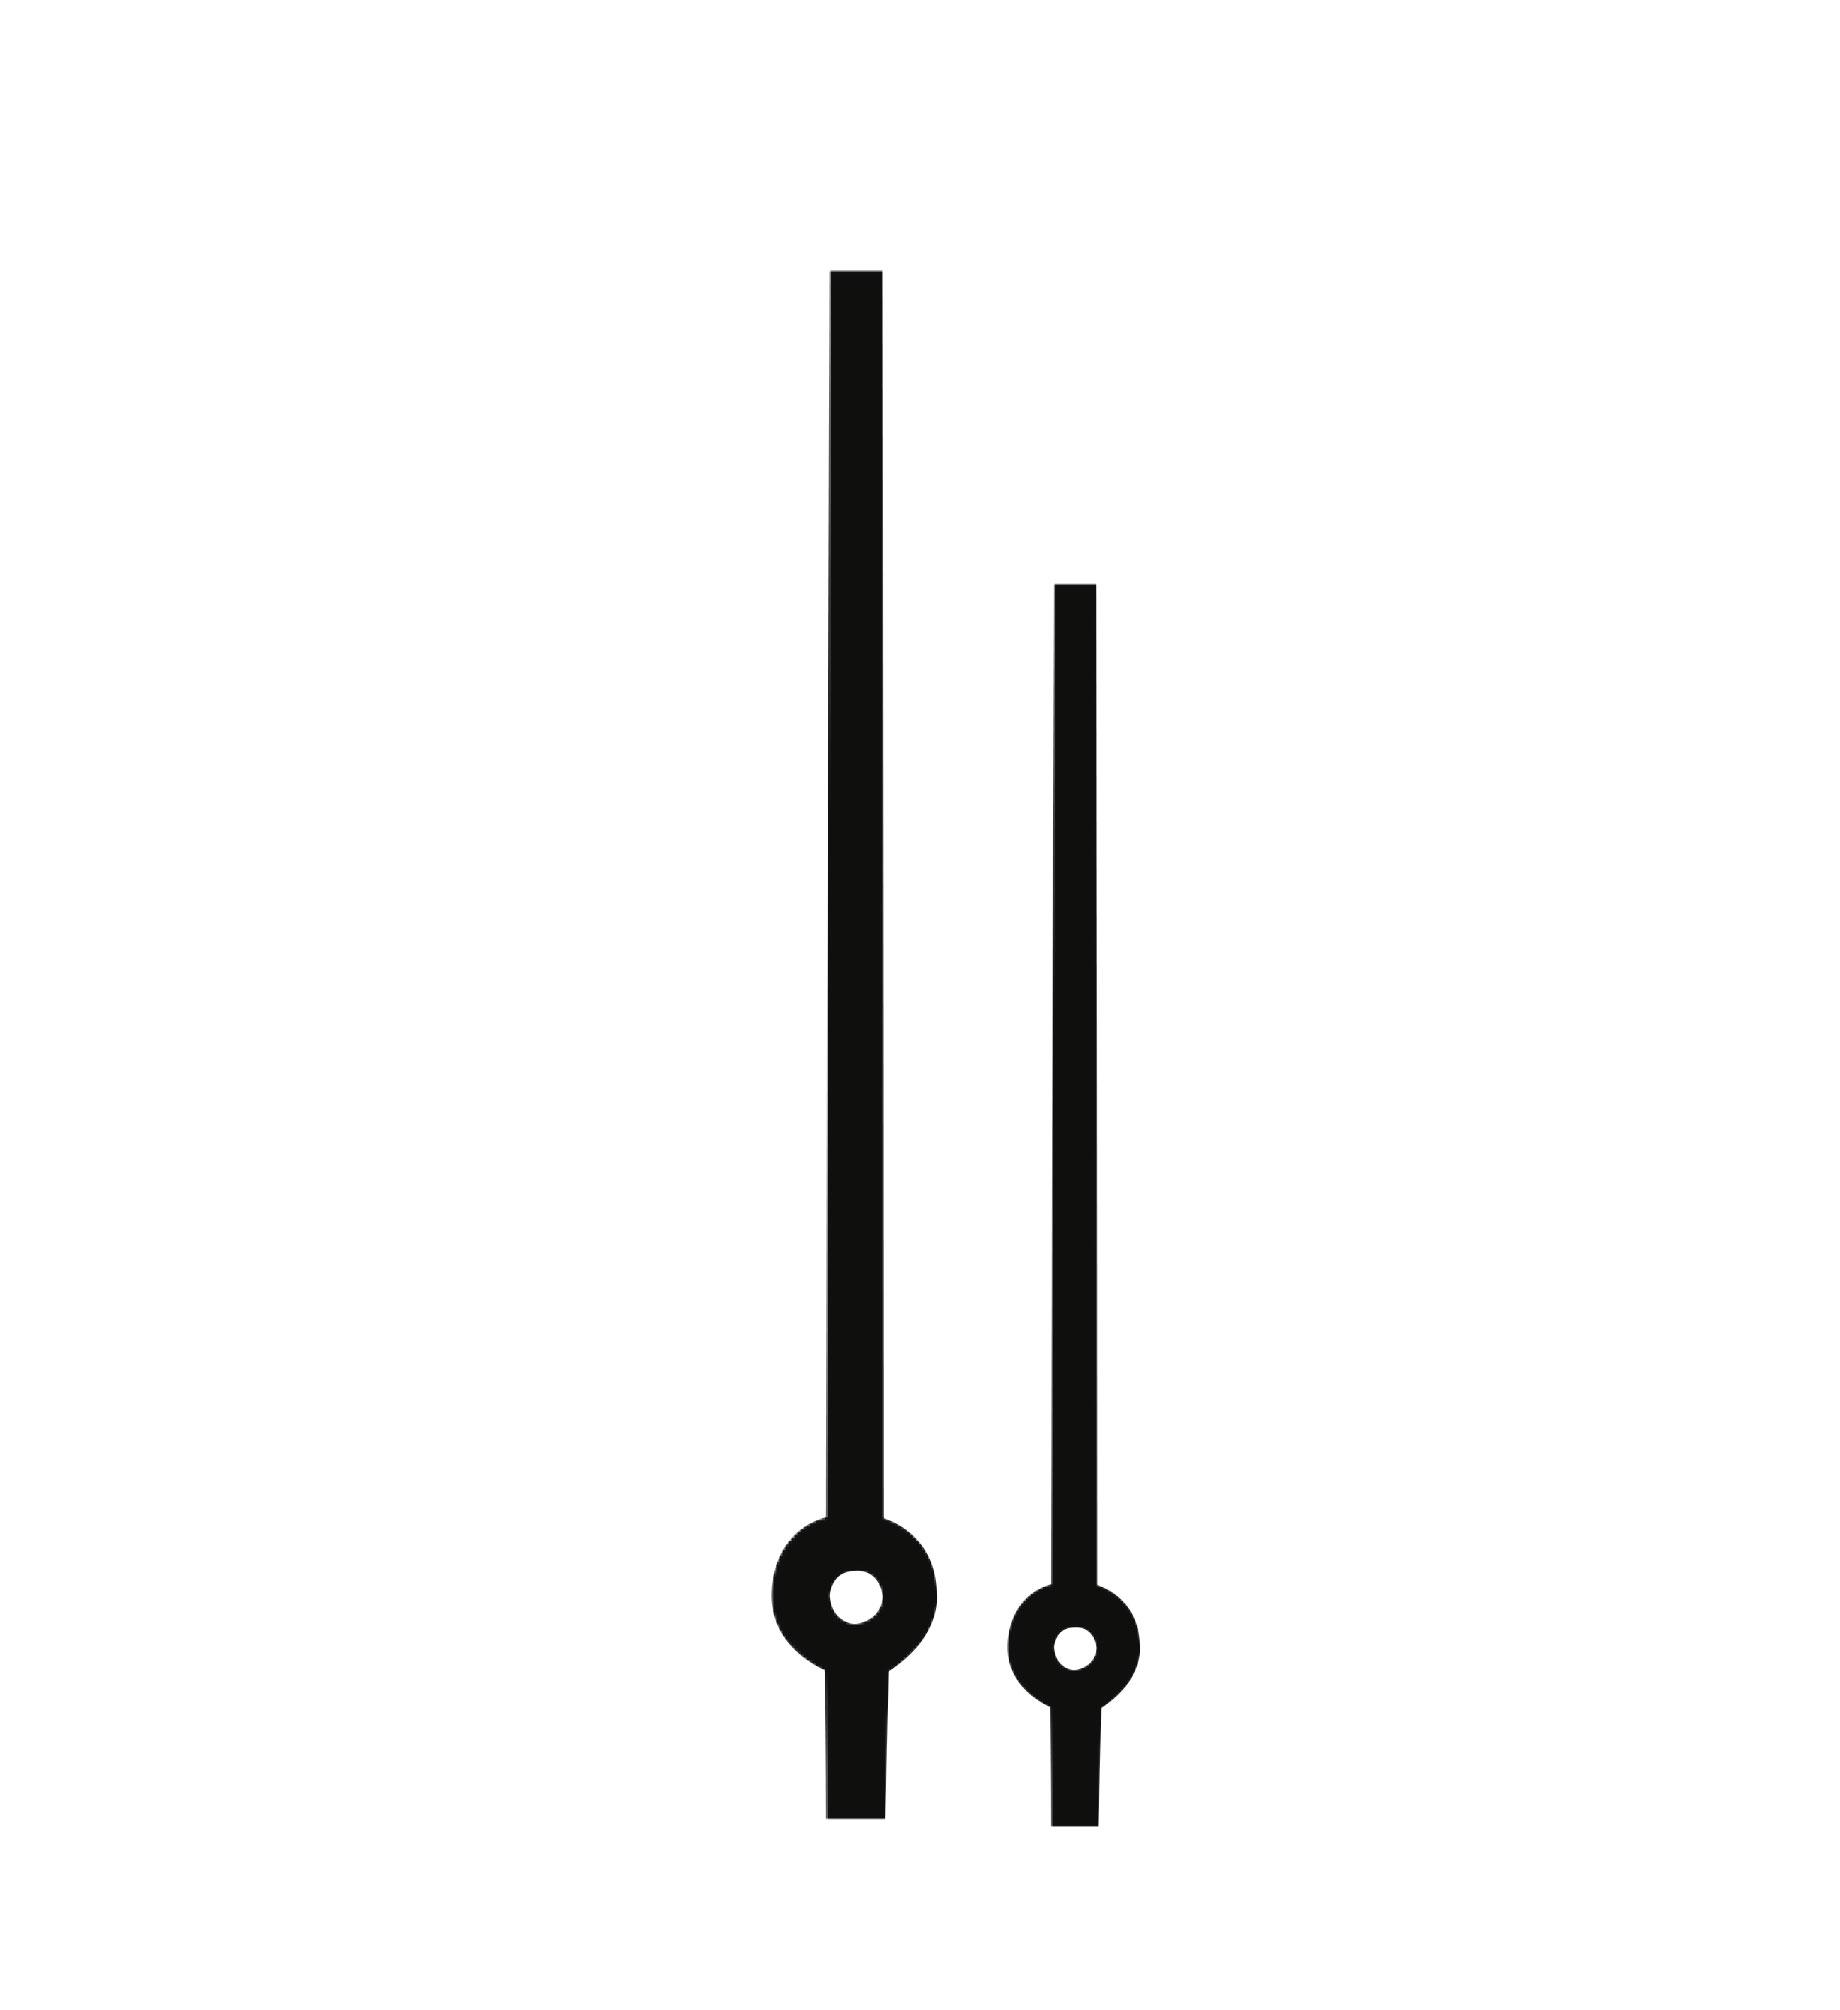 Wijzerpaar Euronorm balkvormig zwart minutenwijzer-L:105 mm